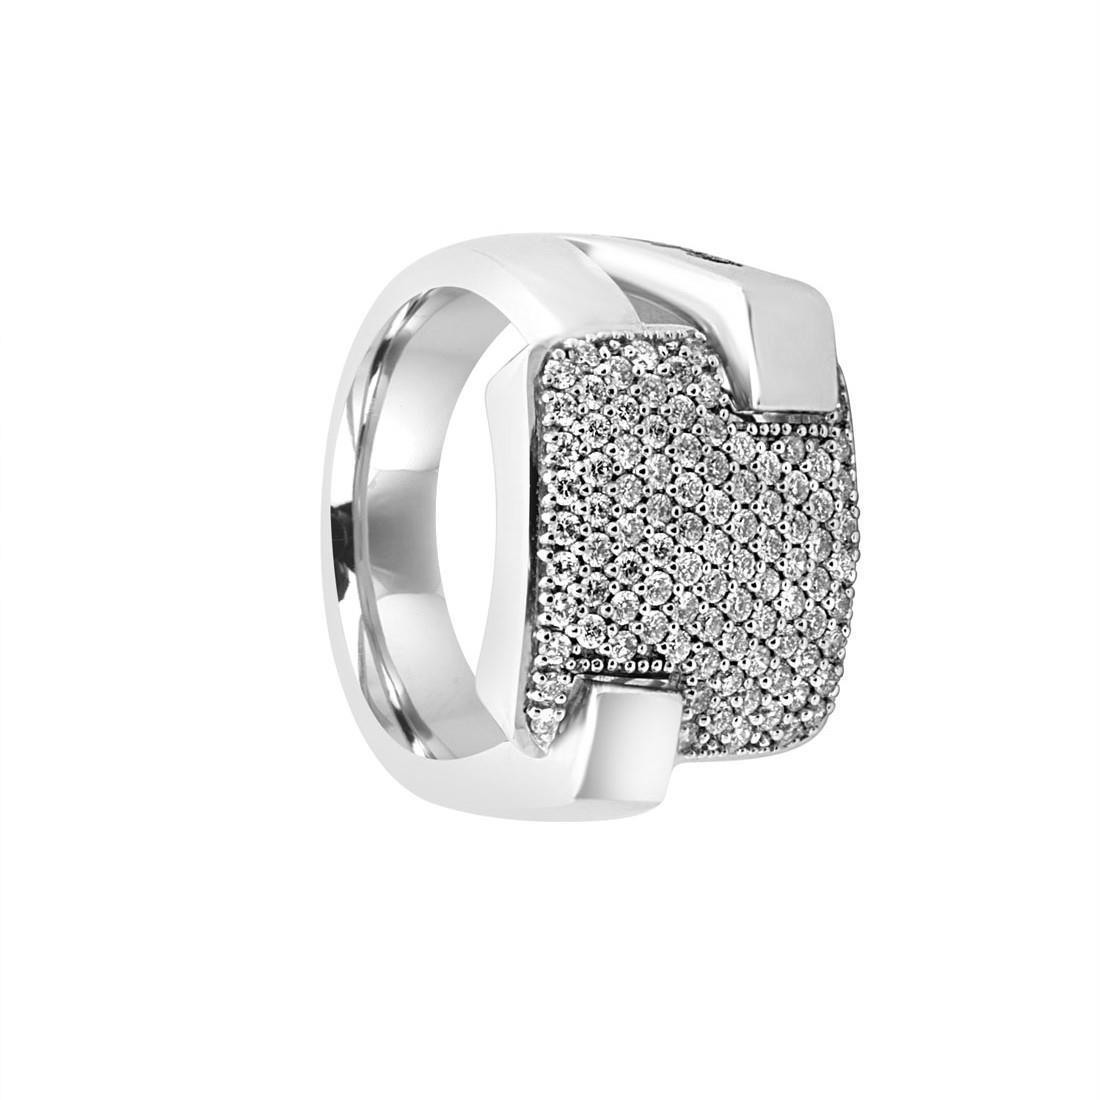 Anello in oro bianco con pavé di diamanti - SALVINI